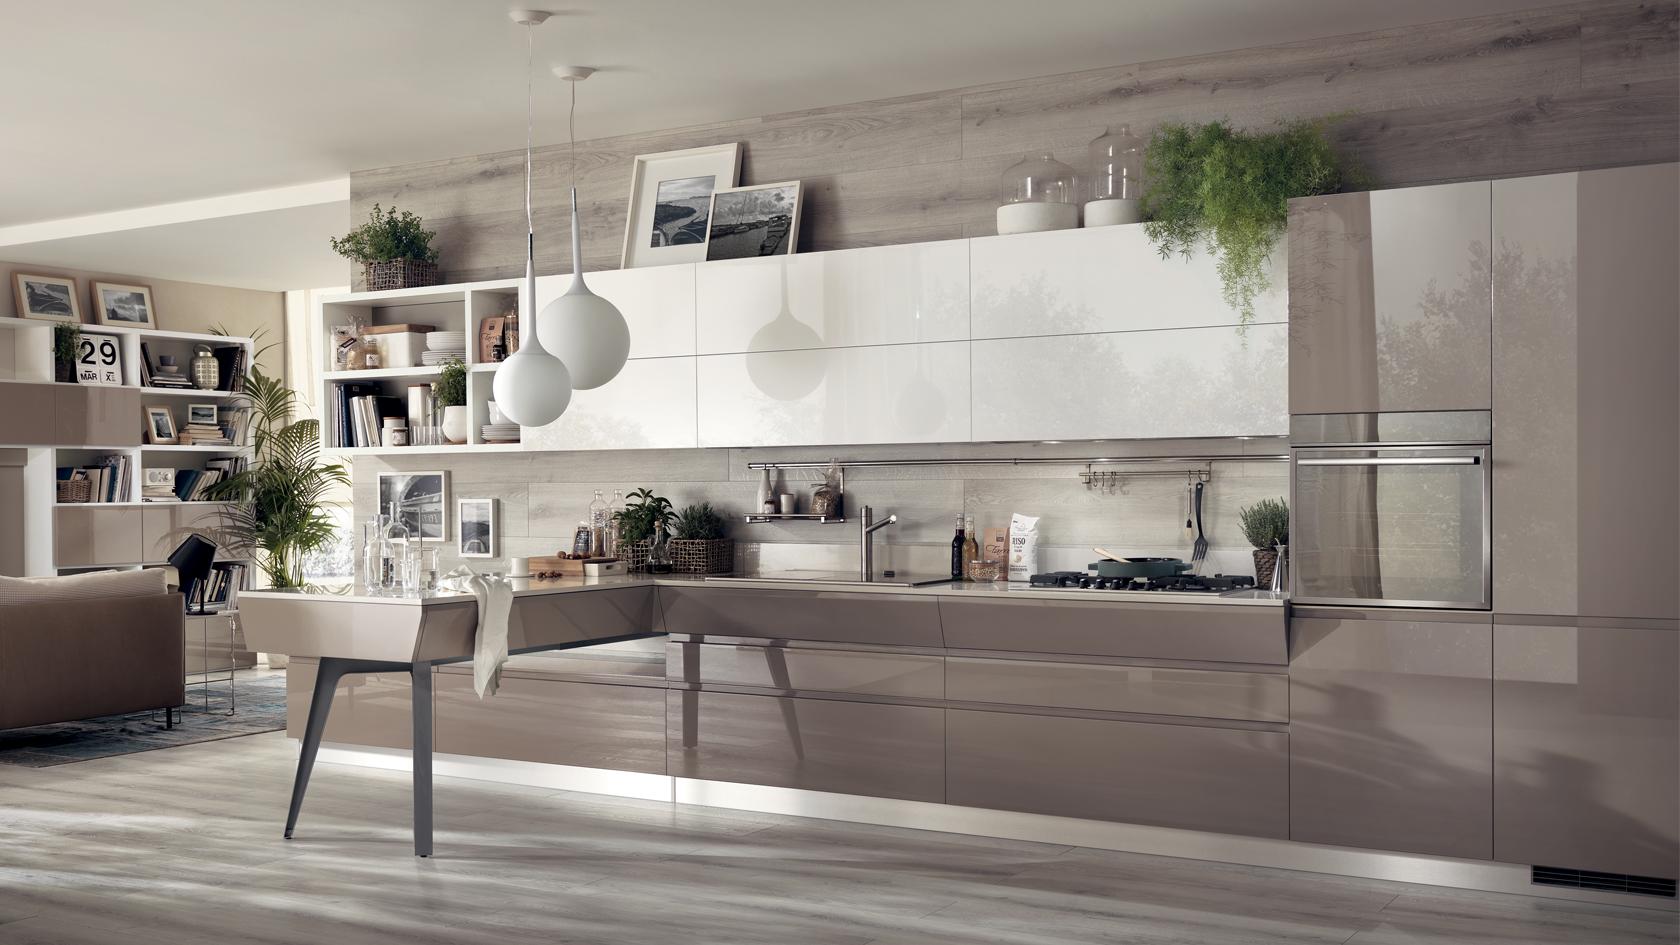 Cucina Arredamento Prezzi. Gallery Of Mobili Per Cucina Ikea With ...